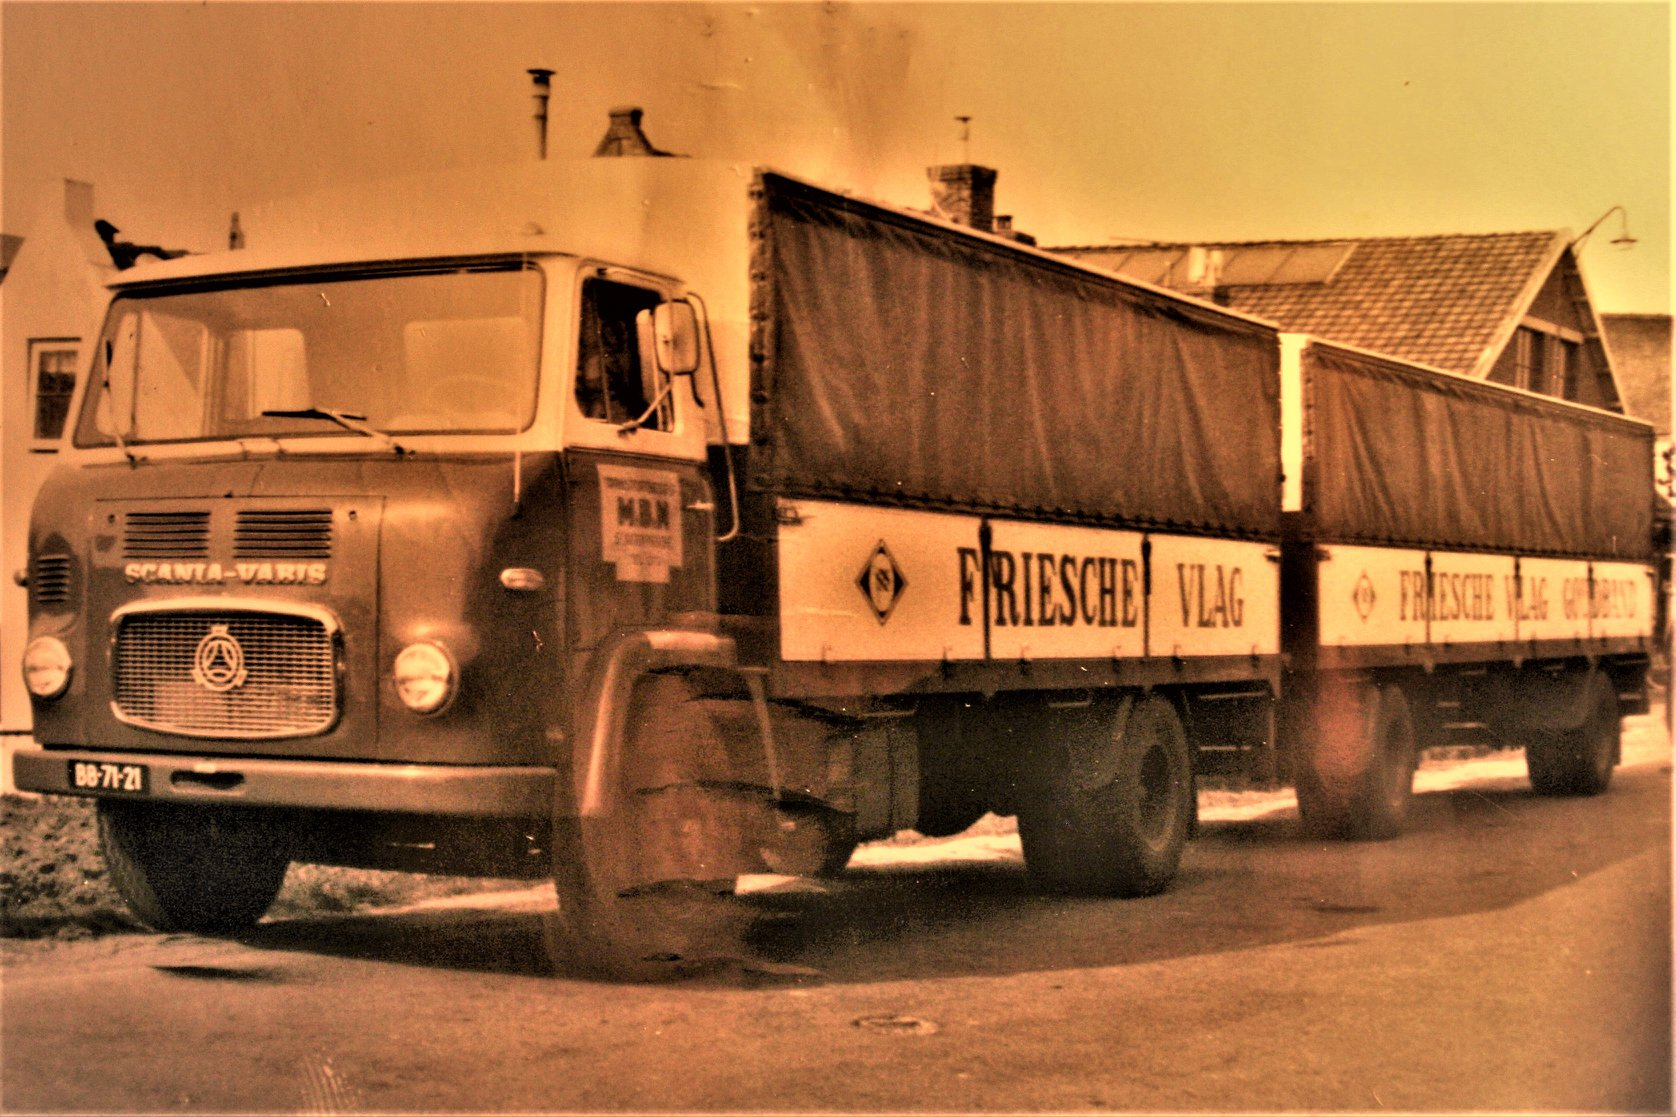 Deze-nieuwe-Scania-Vabis-met-RAF-aanhangwagen-is-in-de-60-er-jaren-gebouwd-voor-de-MBN-uit-St-Jacobiparochie-door-Rondaan-in-Beetgum